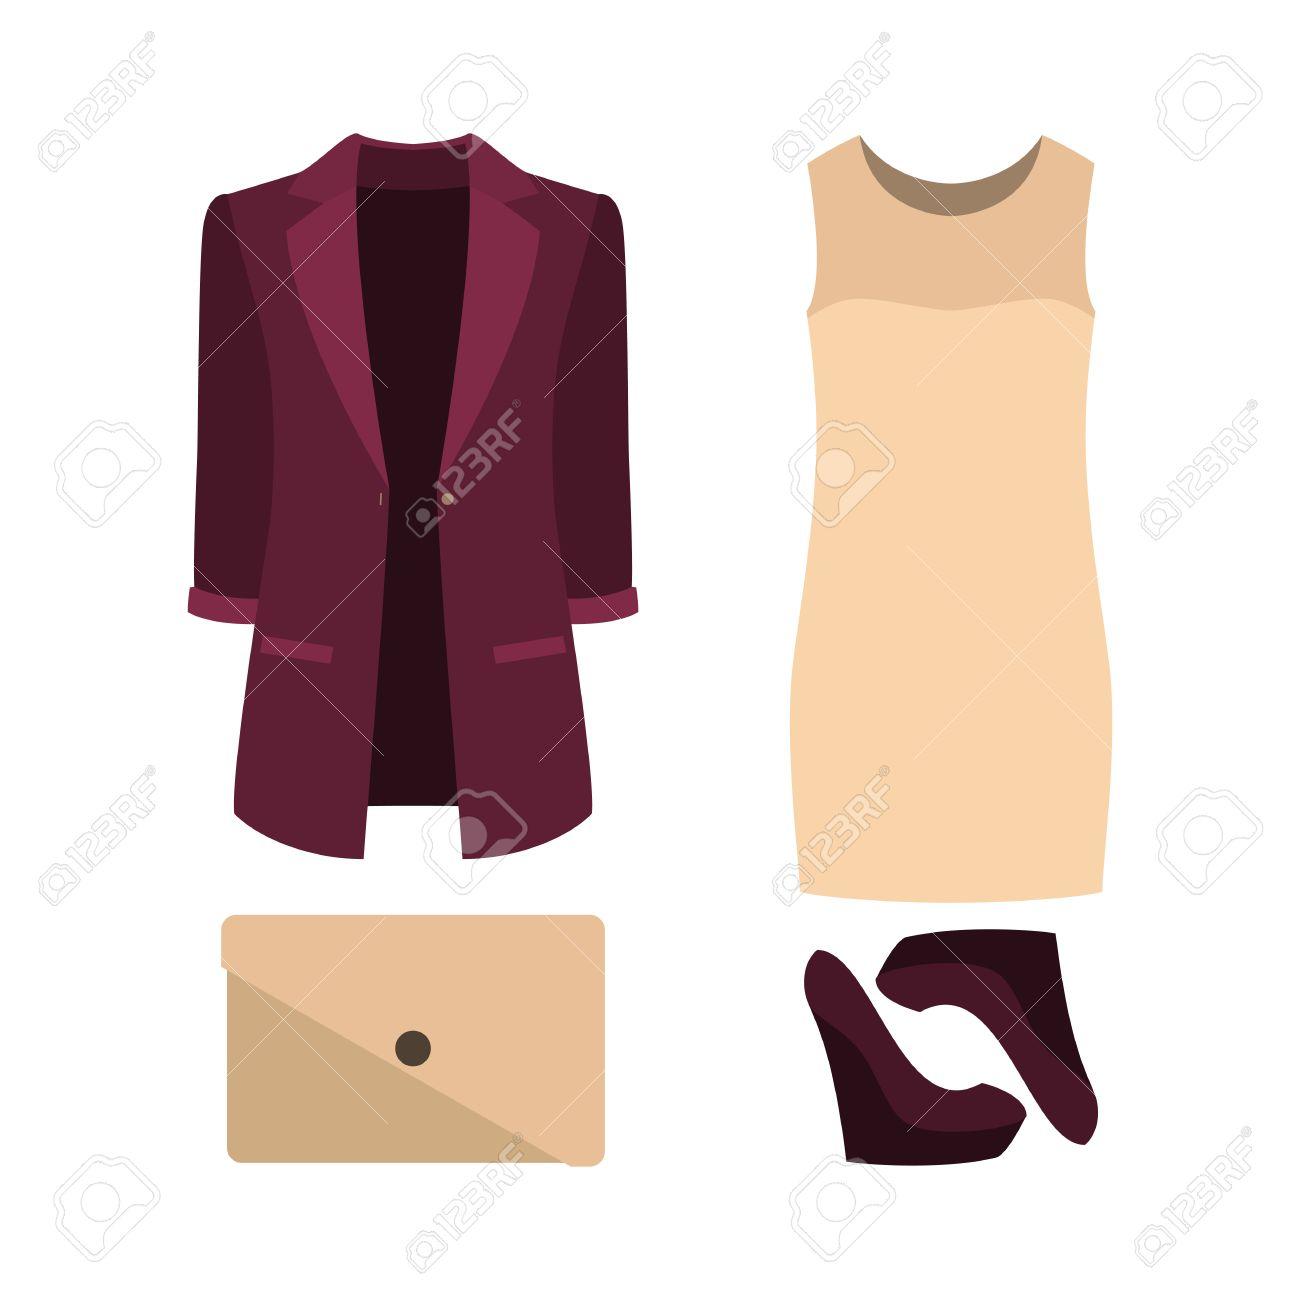 Frauen outfits kleider